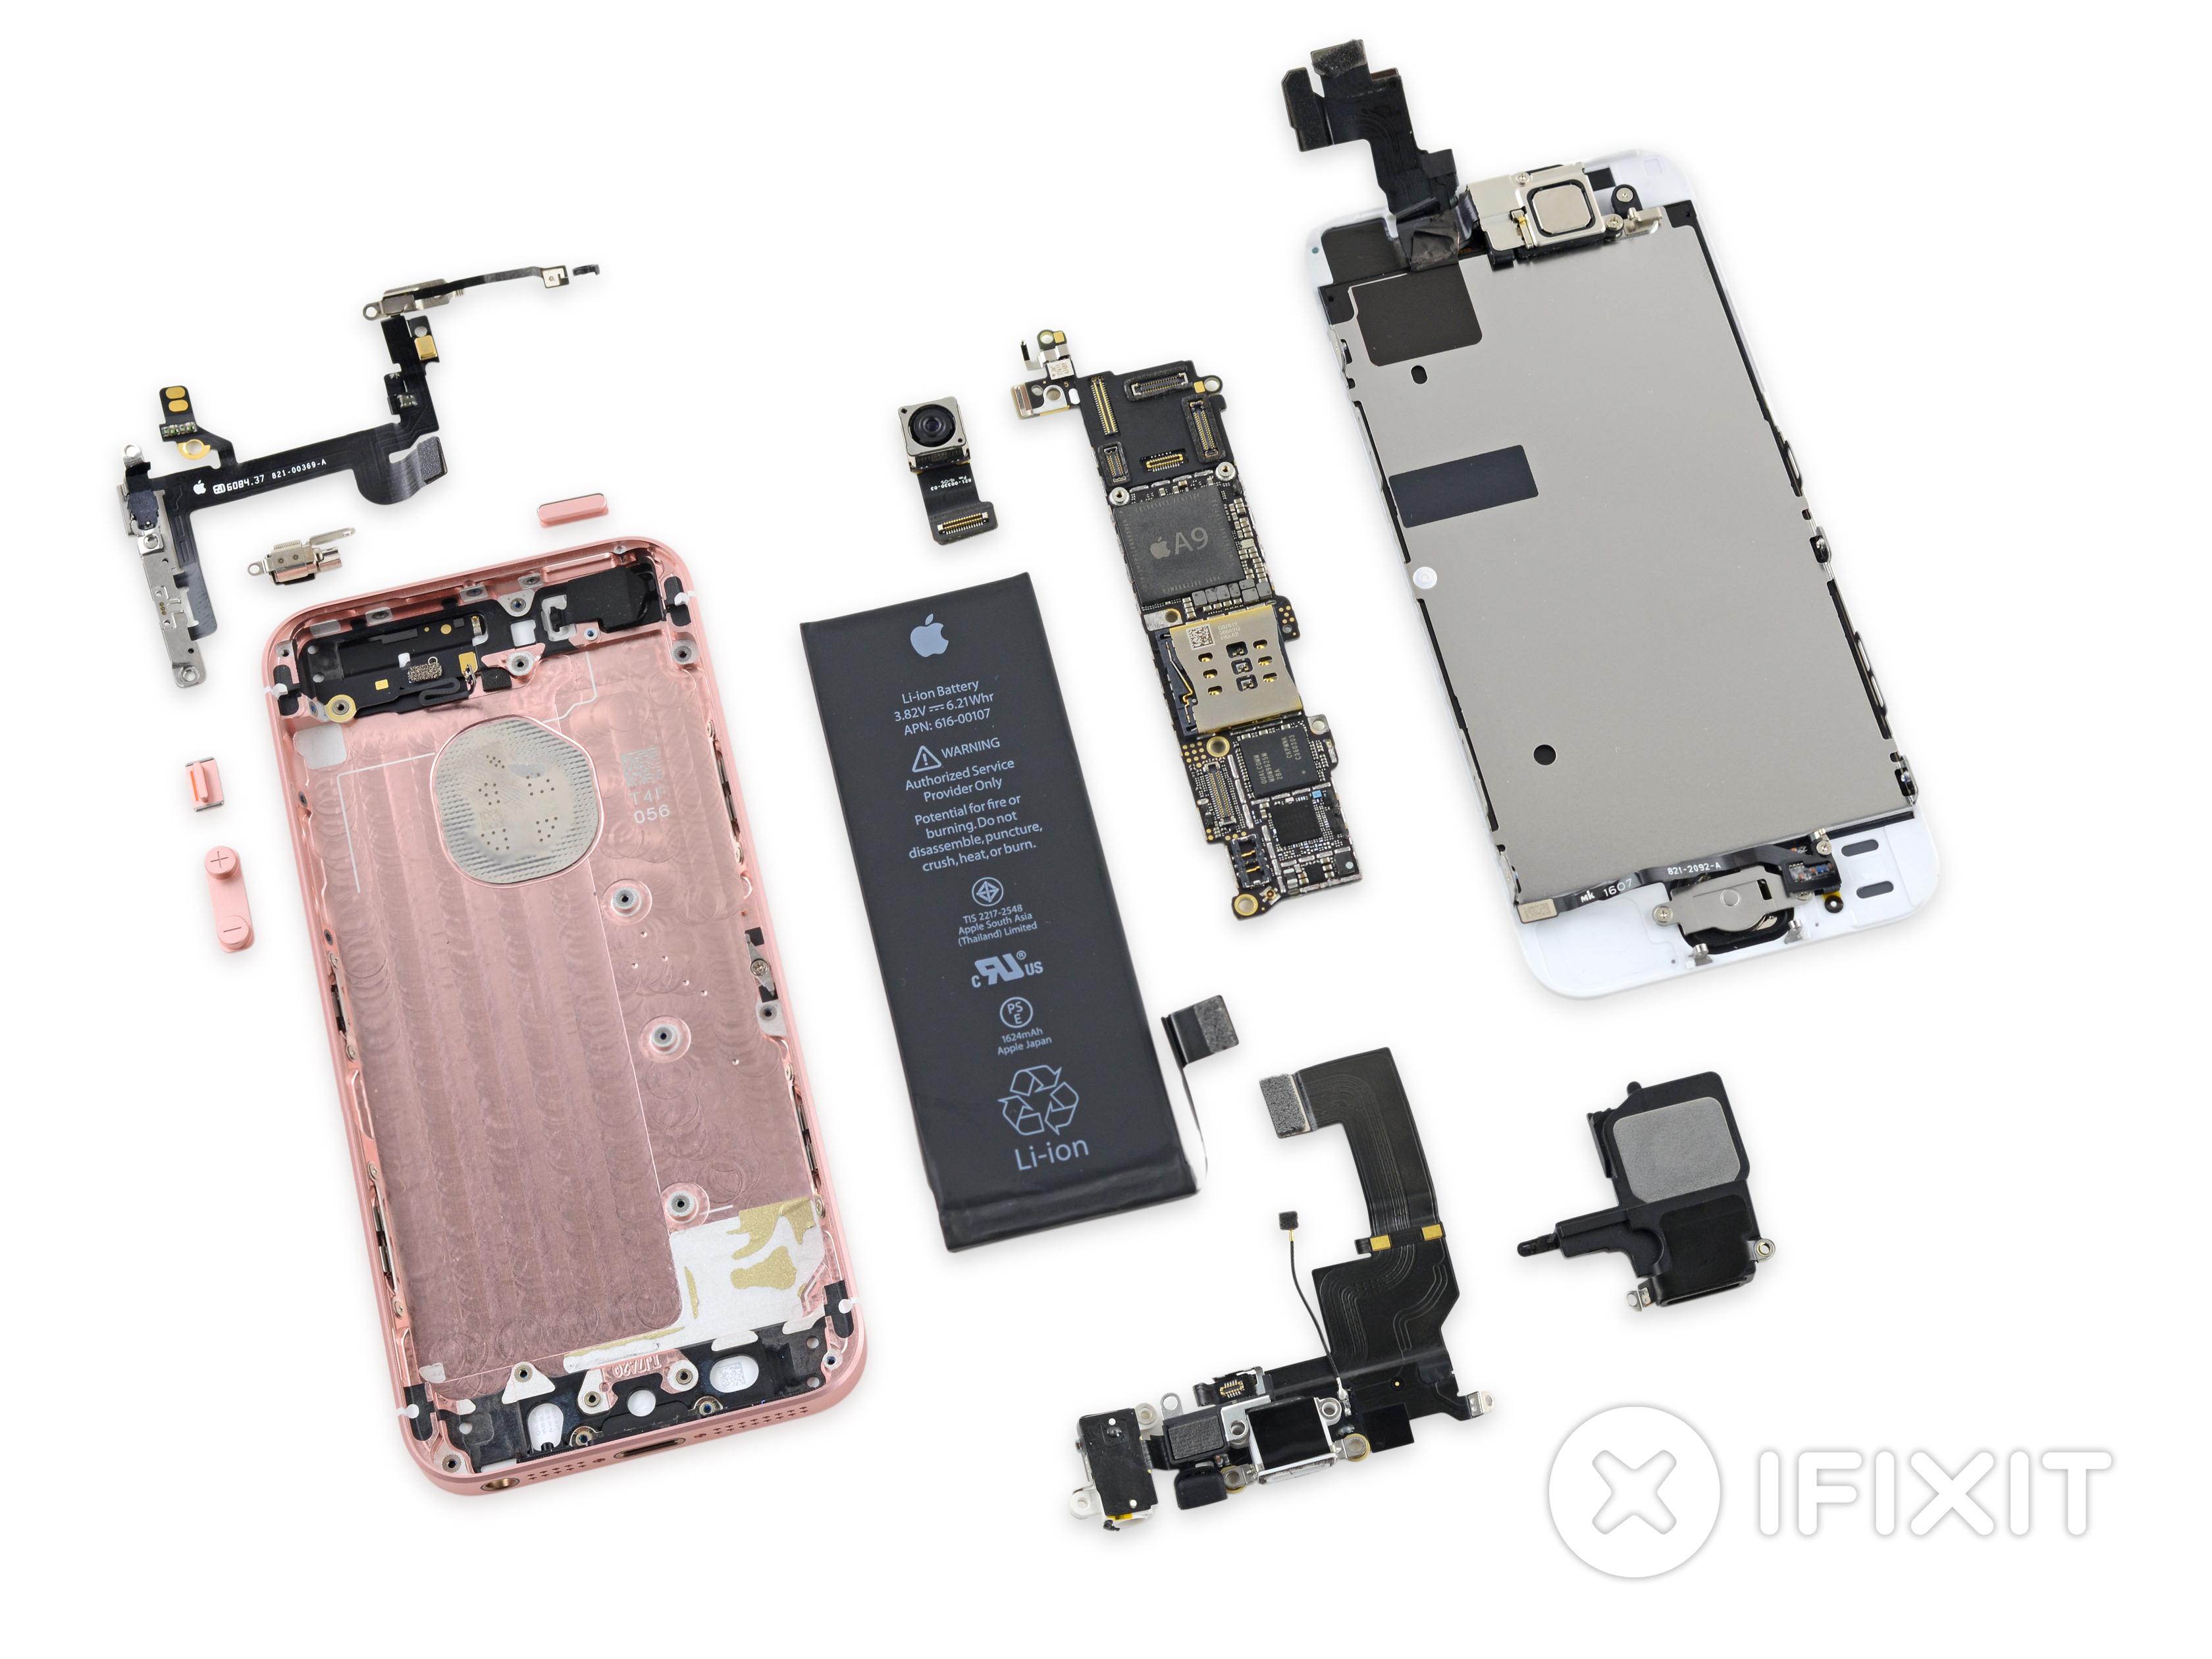 L'iPhone SE coûterait seulement 160 dollars à produire pour Apple